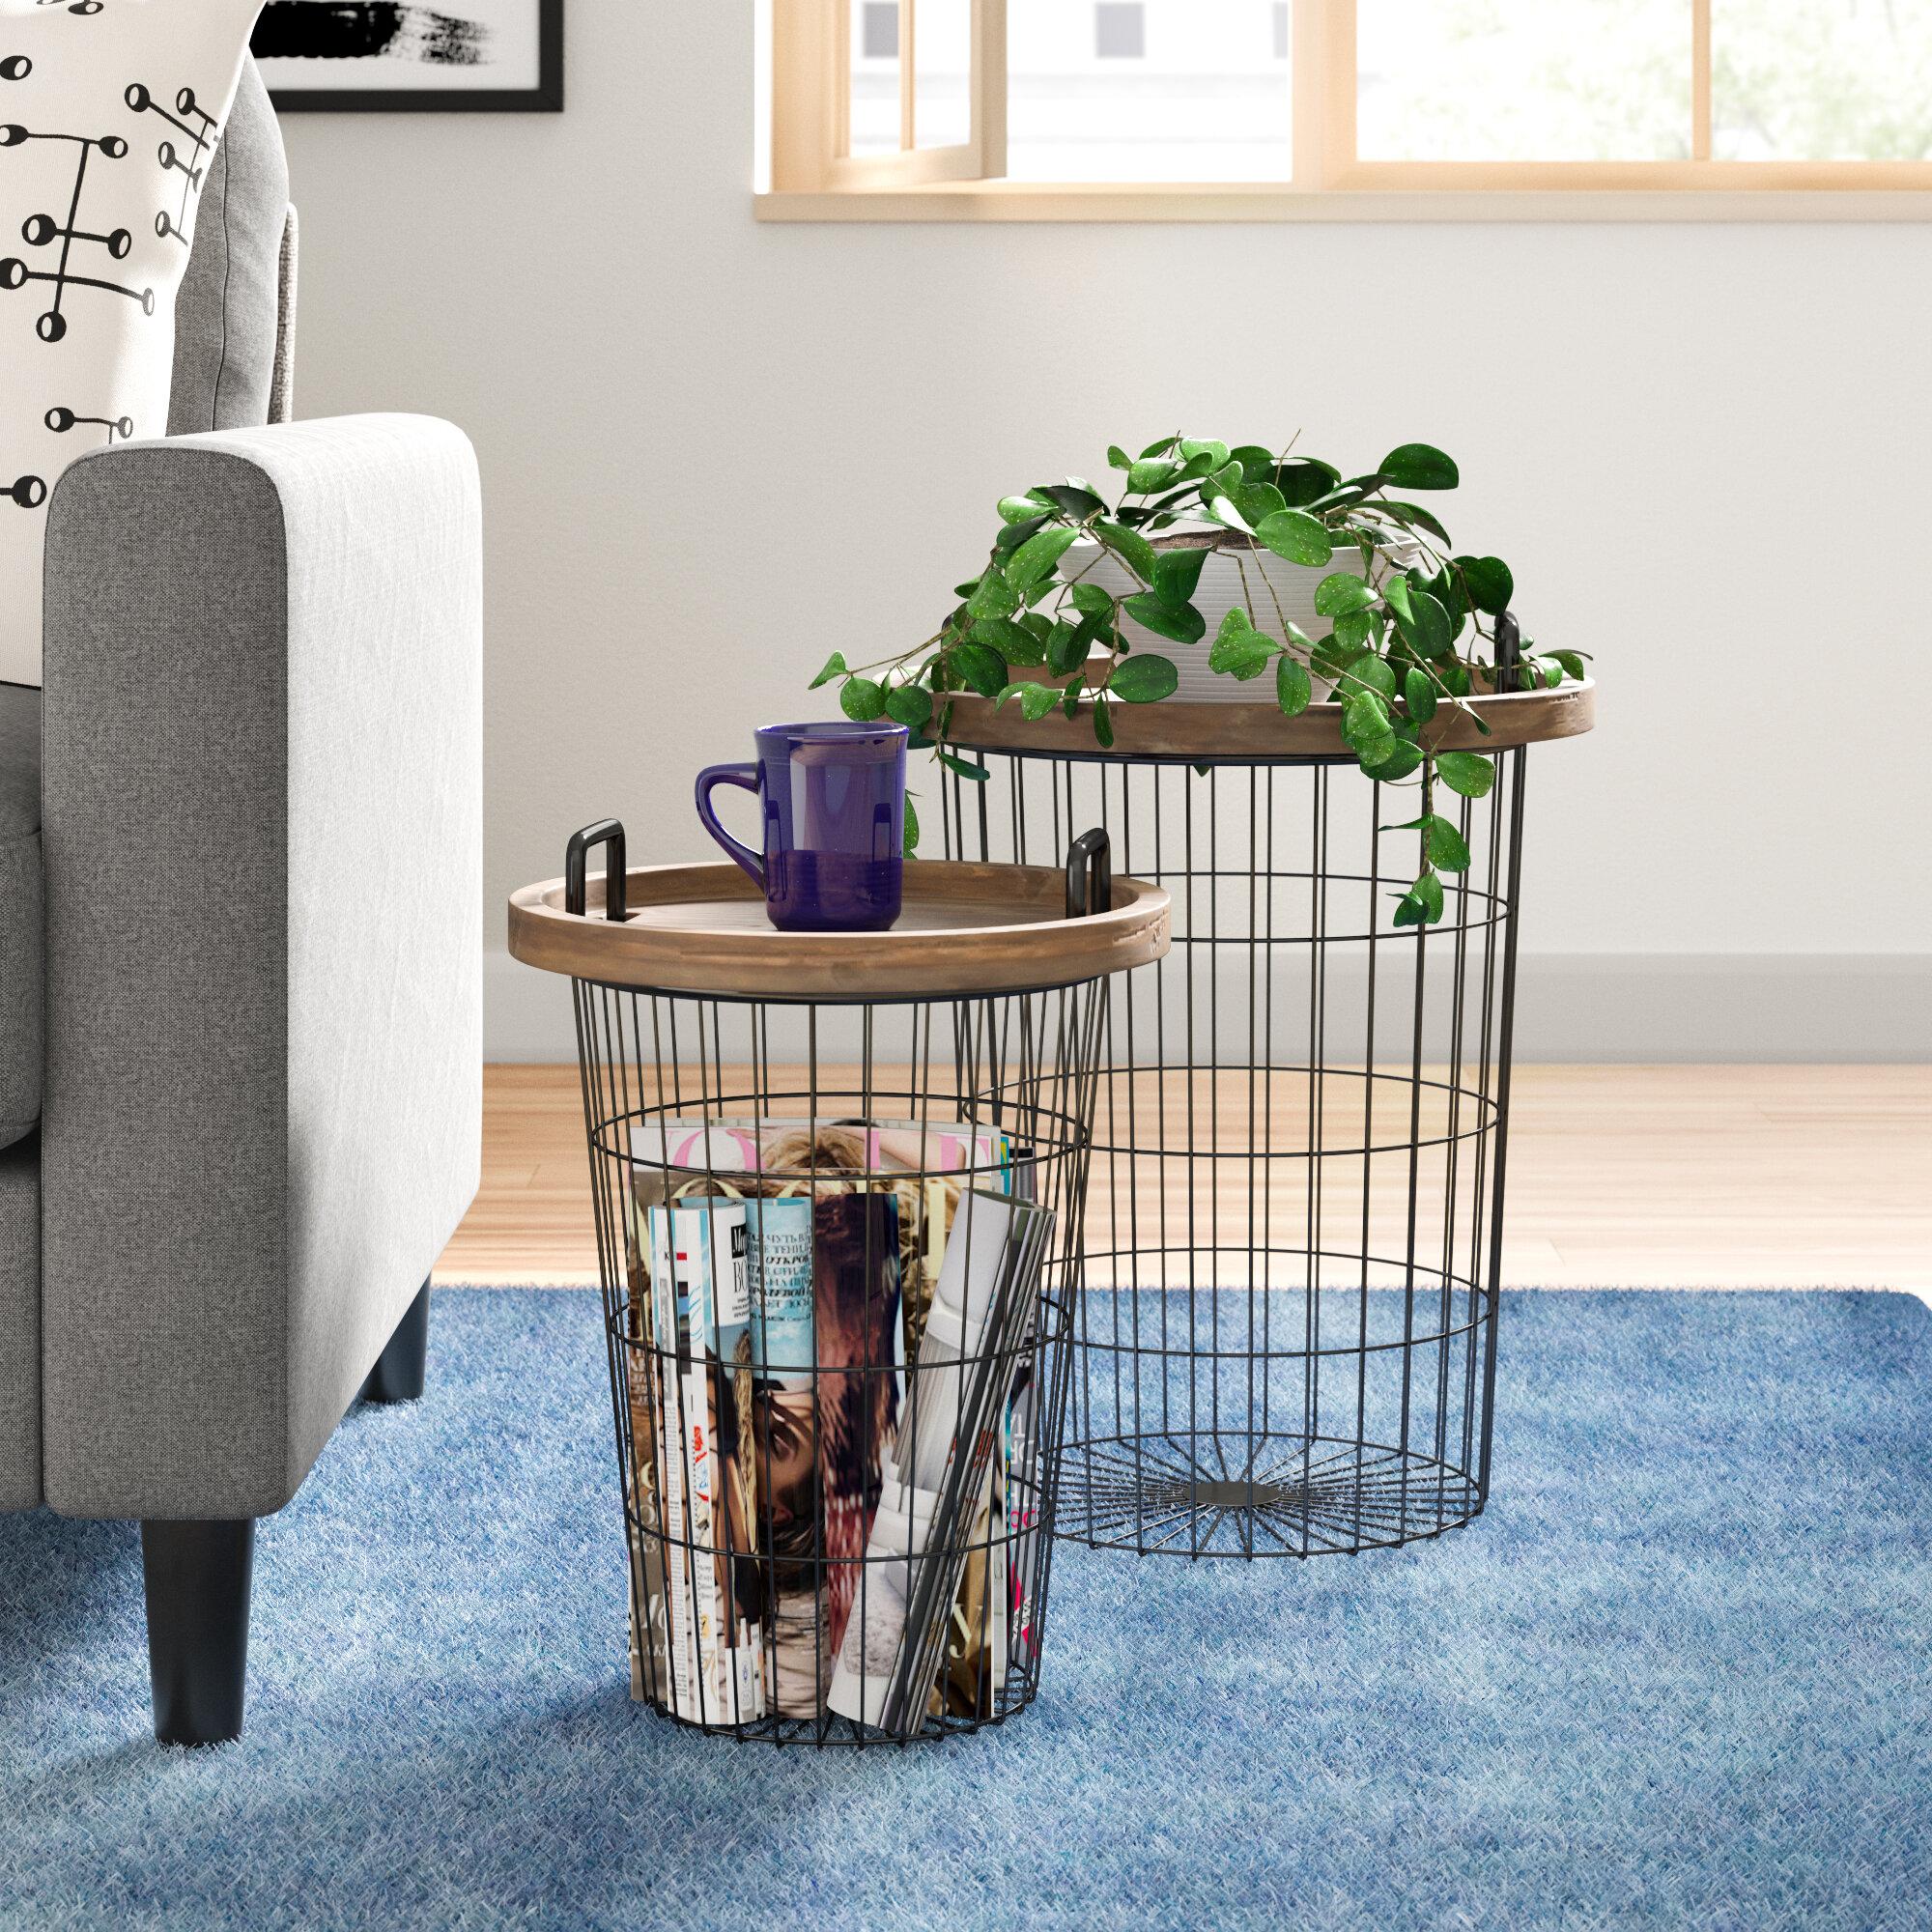 Brandi Wooden Nesting Table